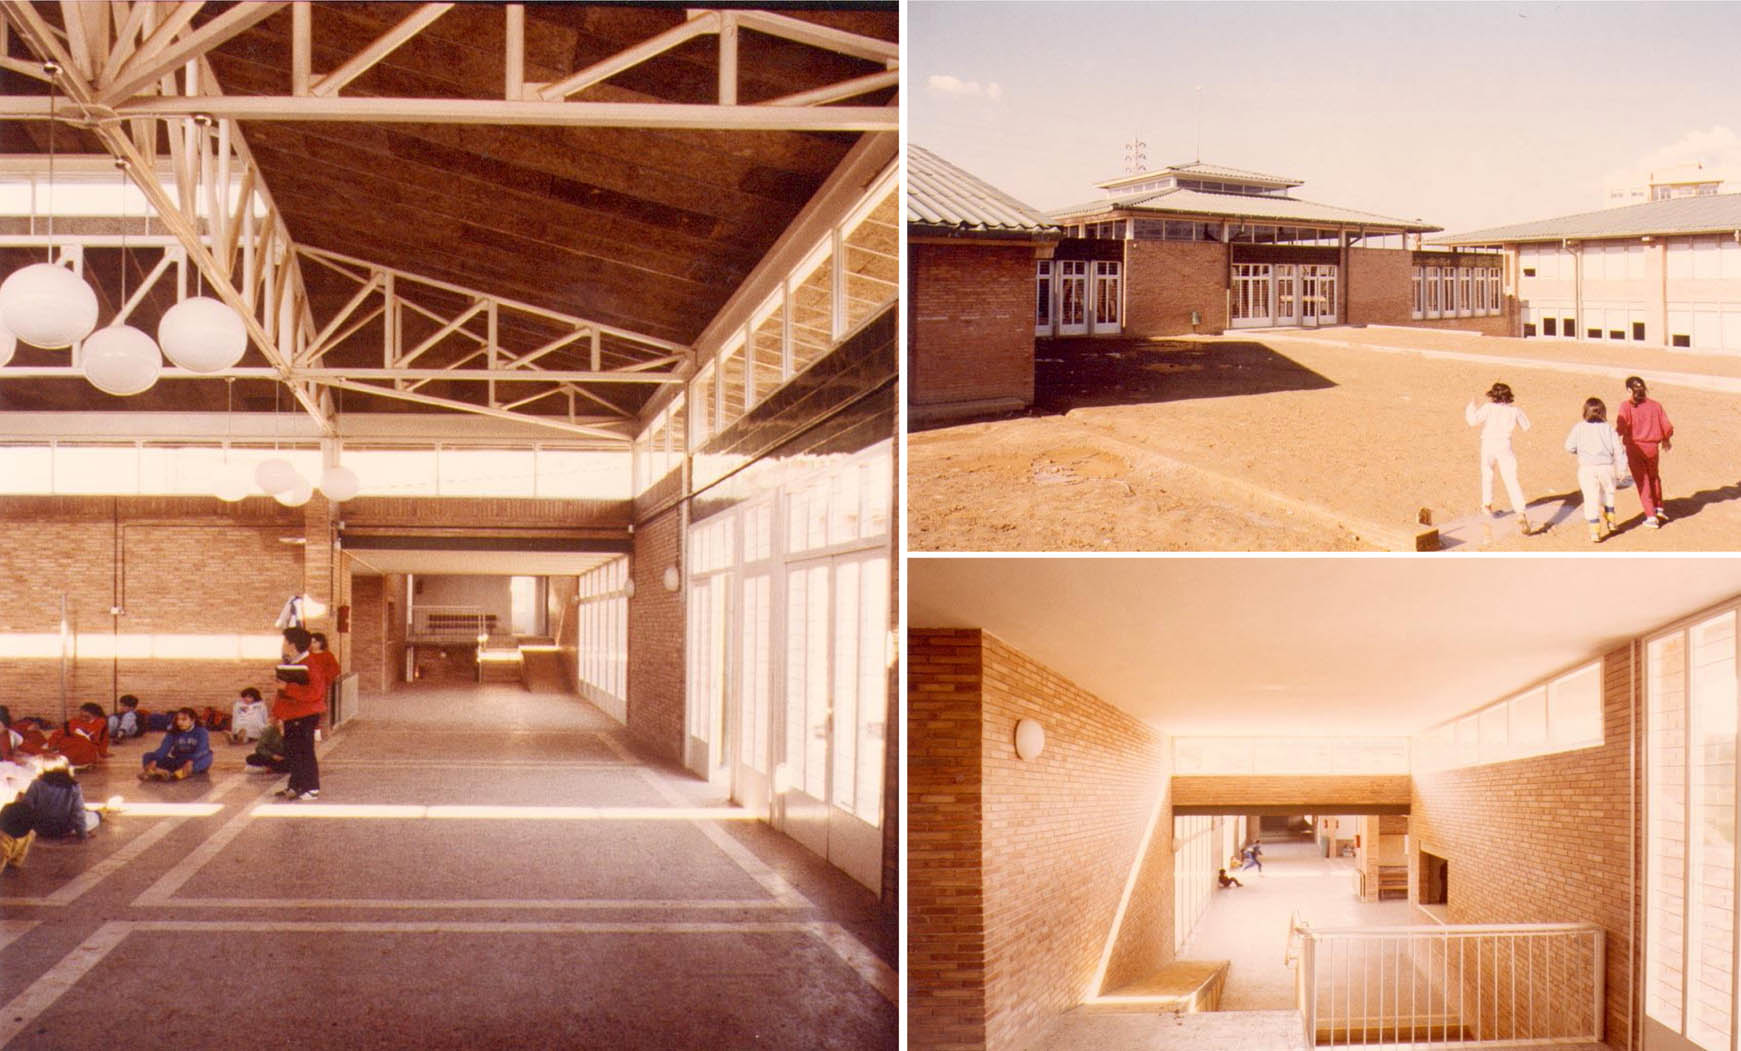 Escuela Pública Ramón Llull en Rubí (1984), en colaboración con Francesc Mitjans y EGC